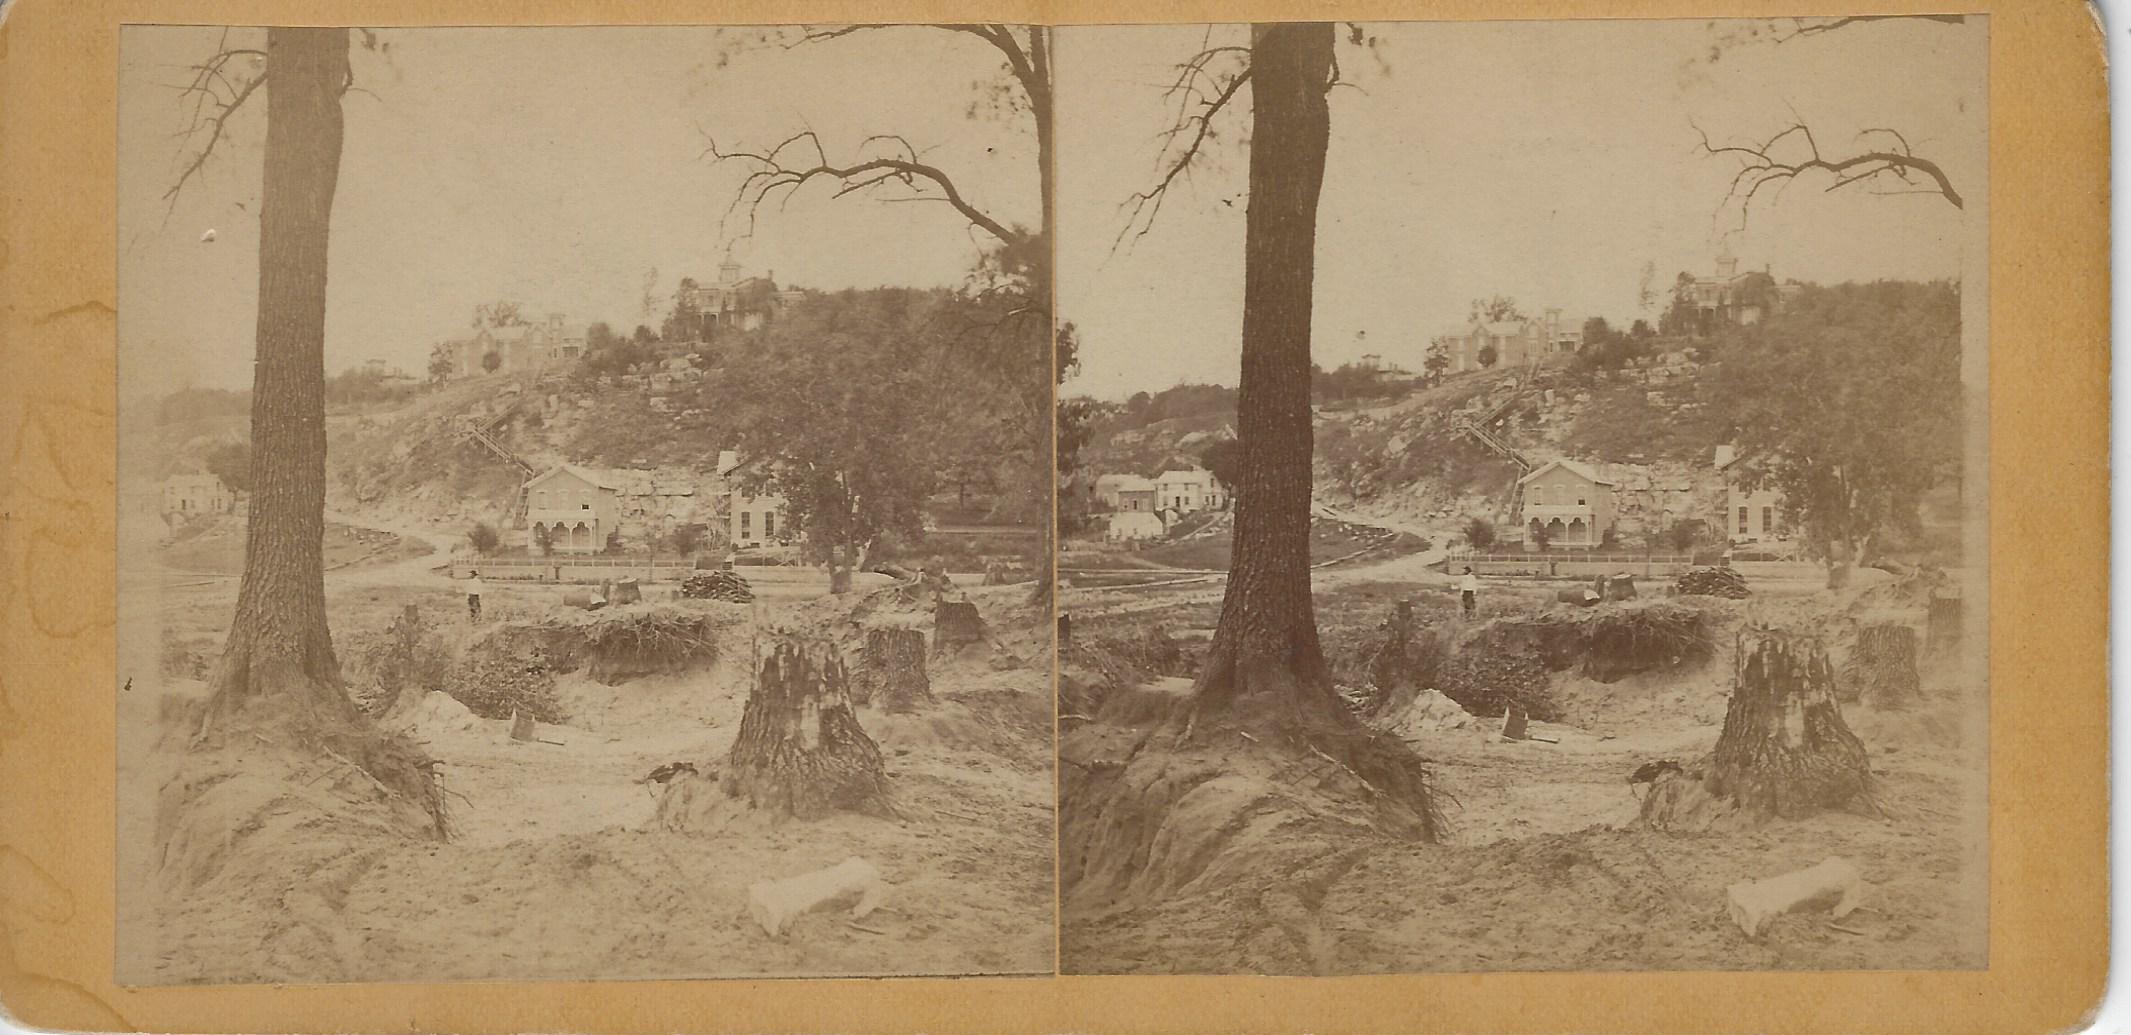 LJTP 100.285 - S. Root - Samuel Root Home - 1869